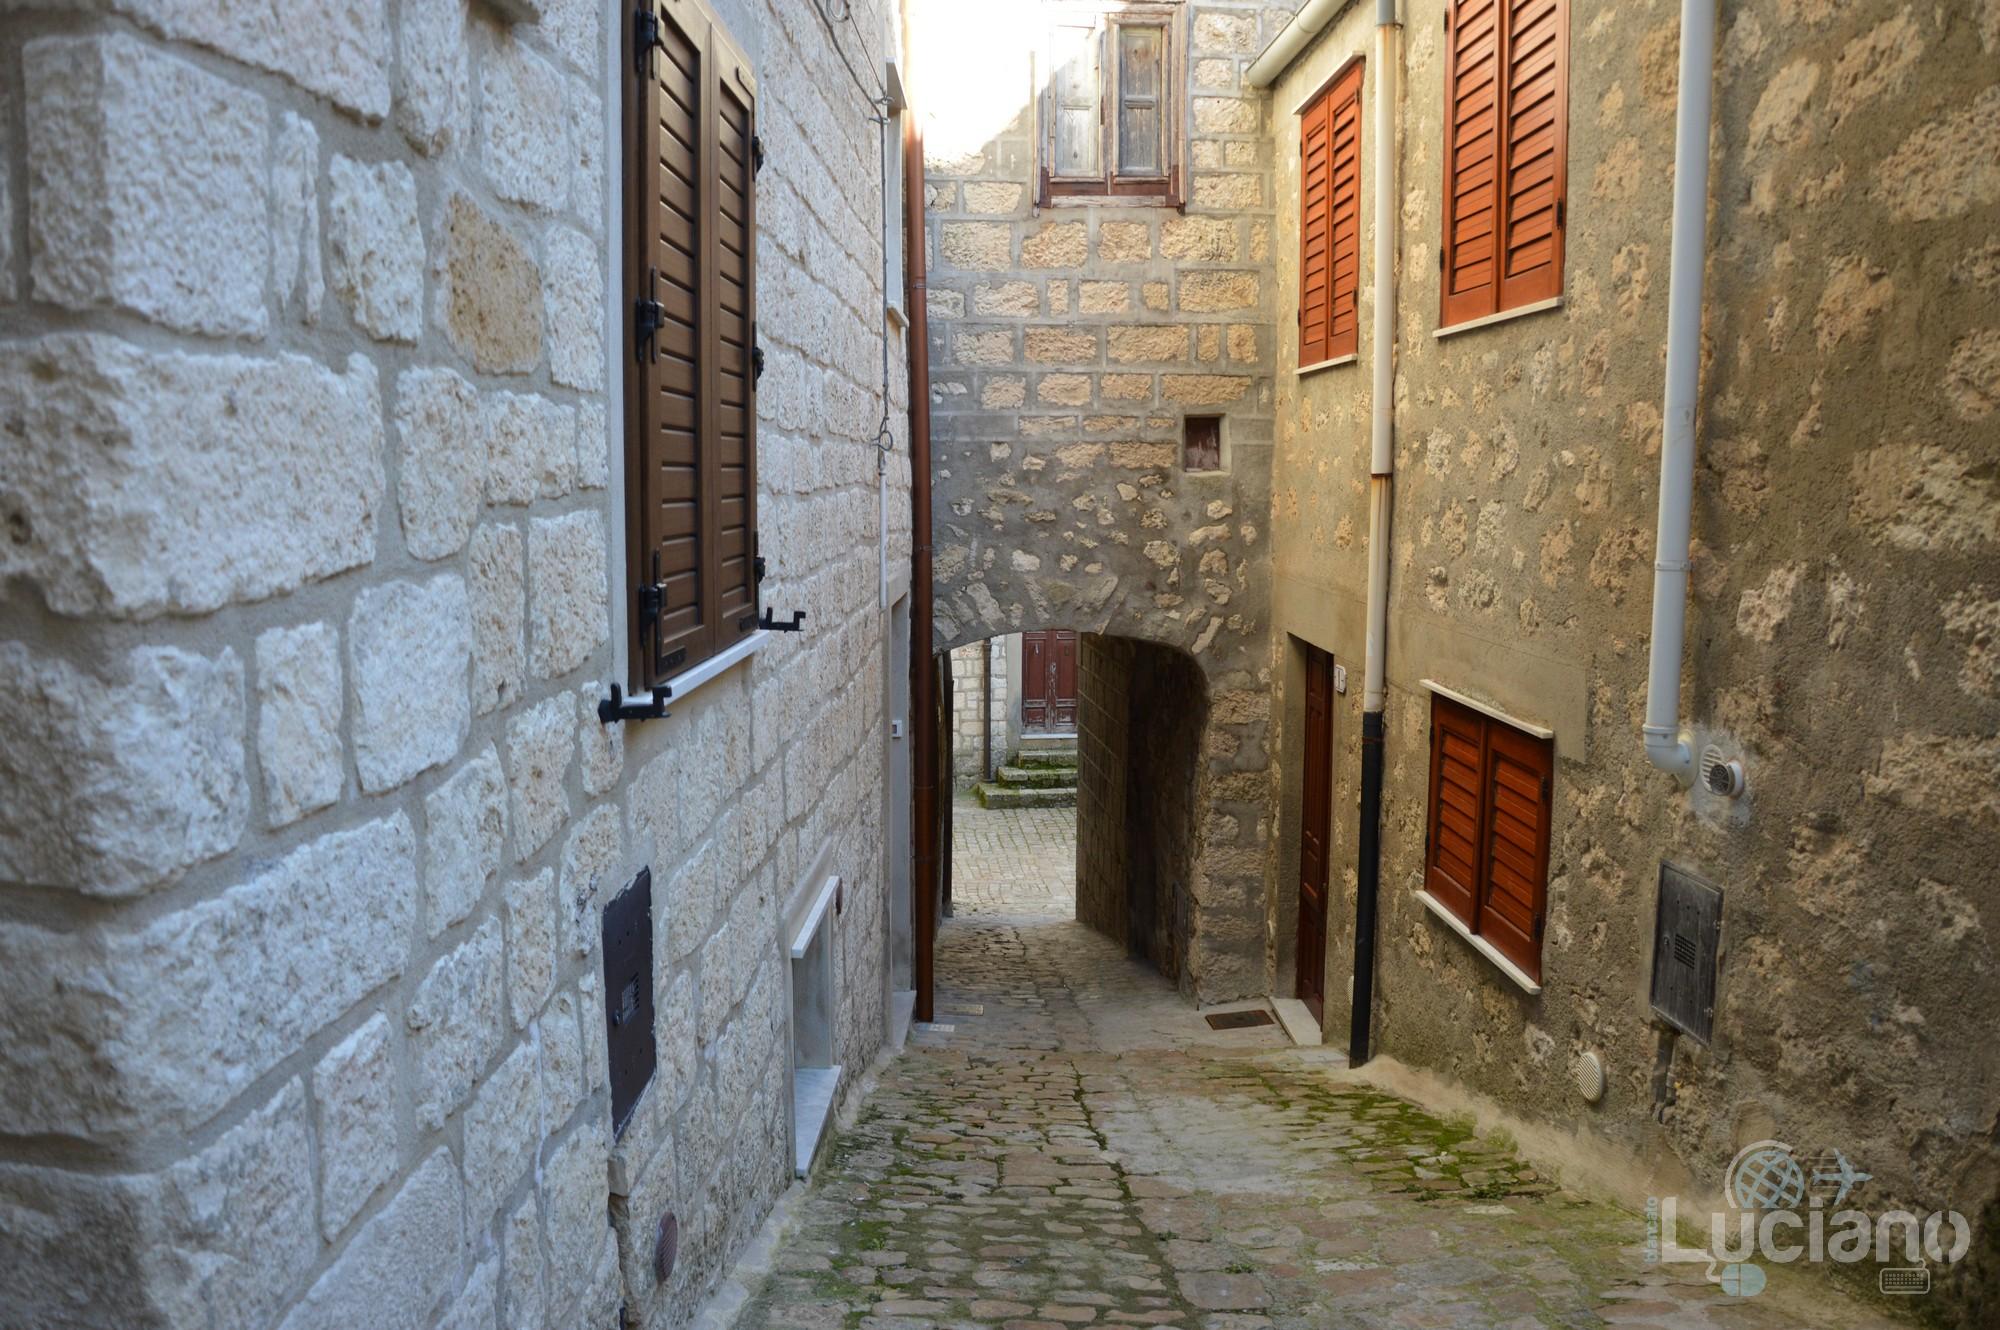 Per le vie di Petralia Soprana - Palermo -  I Borghi più belli d'Italia - Borgo più bello d'Italia 2018